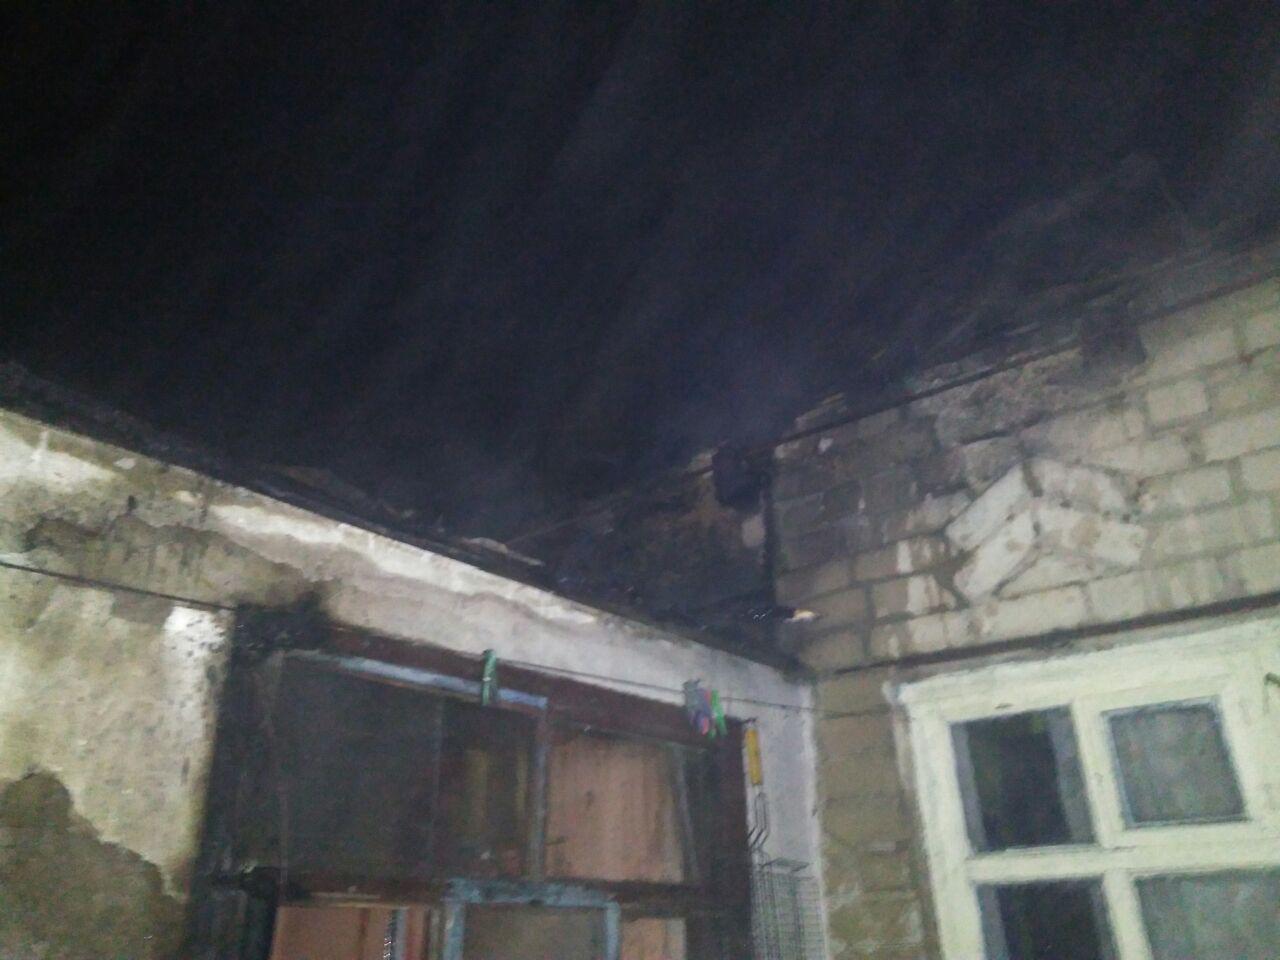 У Запорізькій області вночі горів житловий будинок: врятували жінку з дітьми - ФОТО